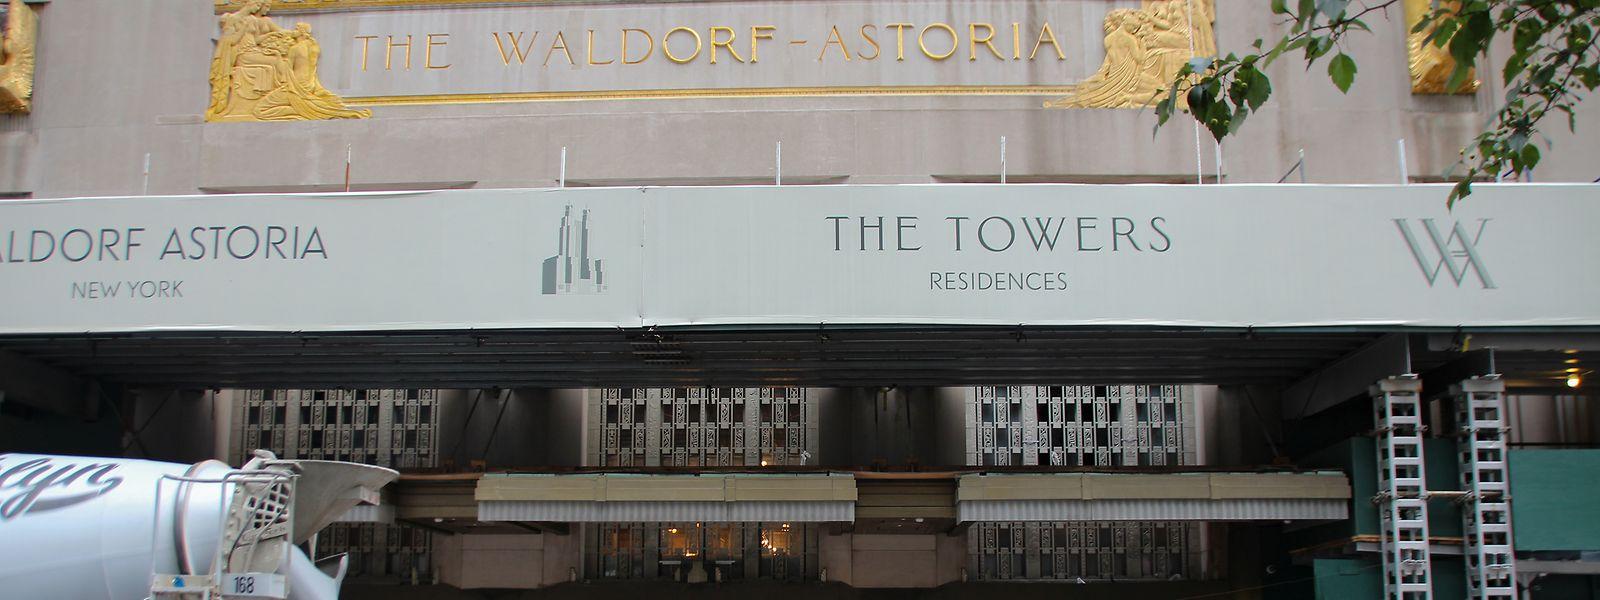 Renovierungsarbeiten am Waldorf Astoria. Das berühmte Luxushotel an der Park Avenue ist derzeit wegen Renovierung geschlossen.